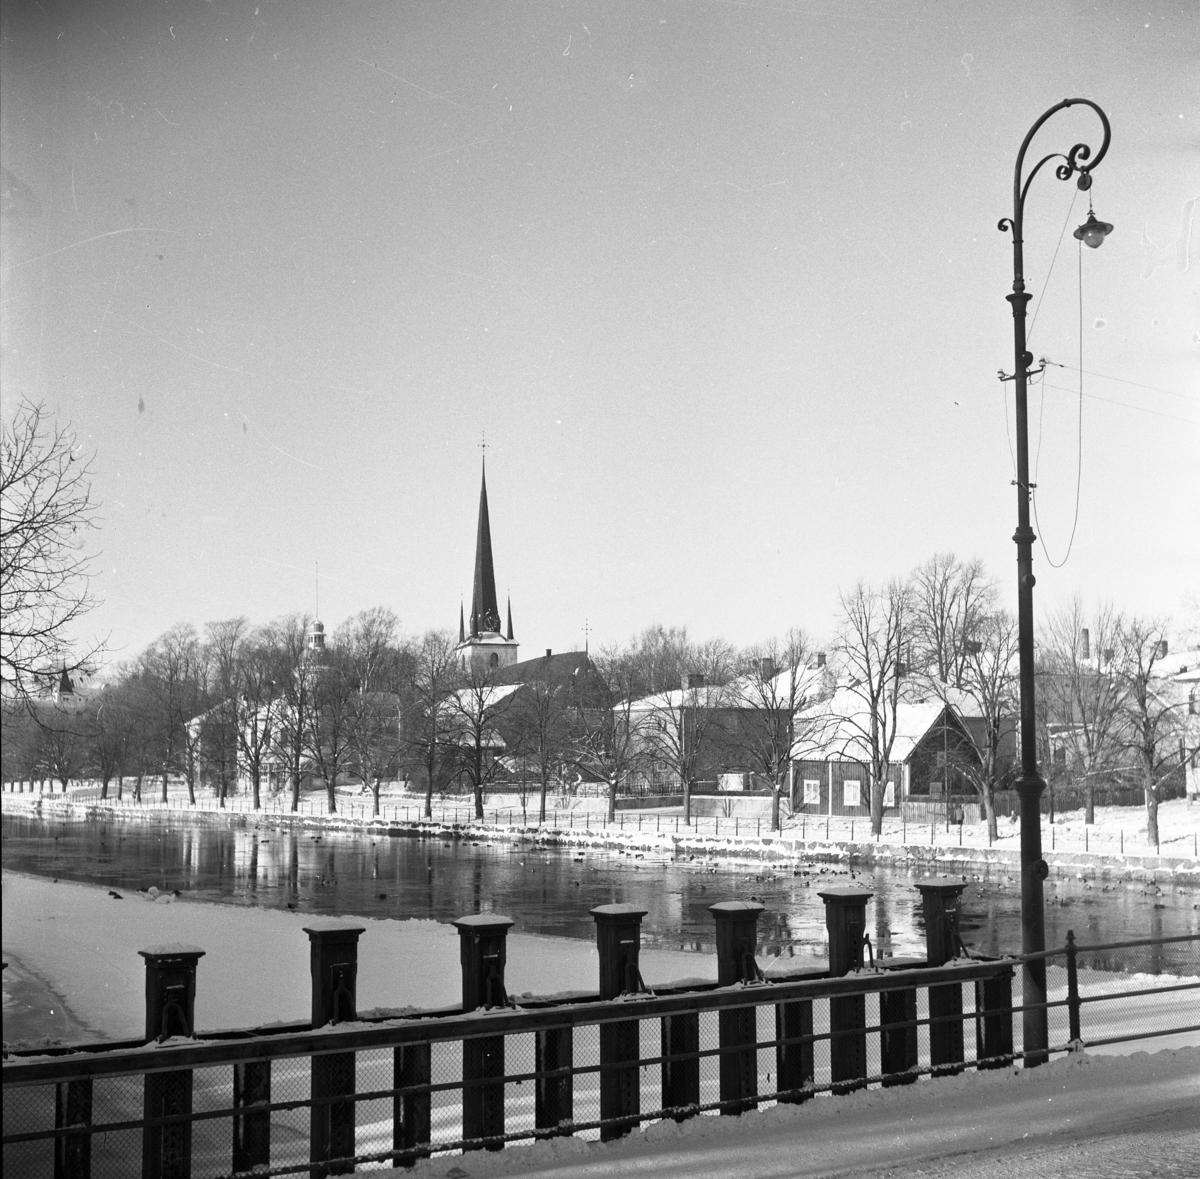 Vintermotiv från Herrgårdsbron. Utsikt över fastigheter på Strandvägen. Mitt i bild ses Heliga Trefaldighetskyrkan. Till vänster om den ligger Brandstationen. Det är vinter och snö. Broräcke och lyktstolpe.